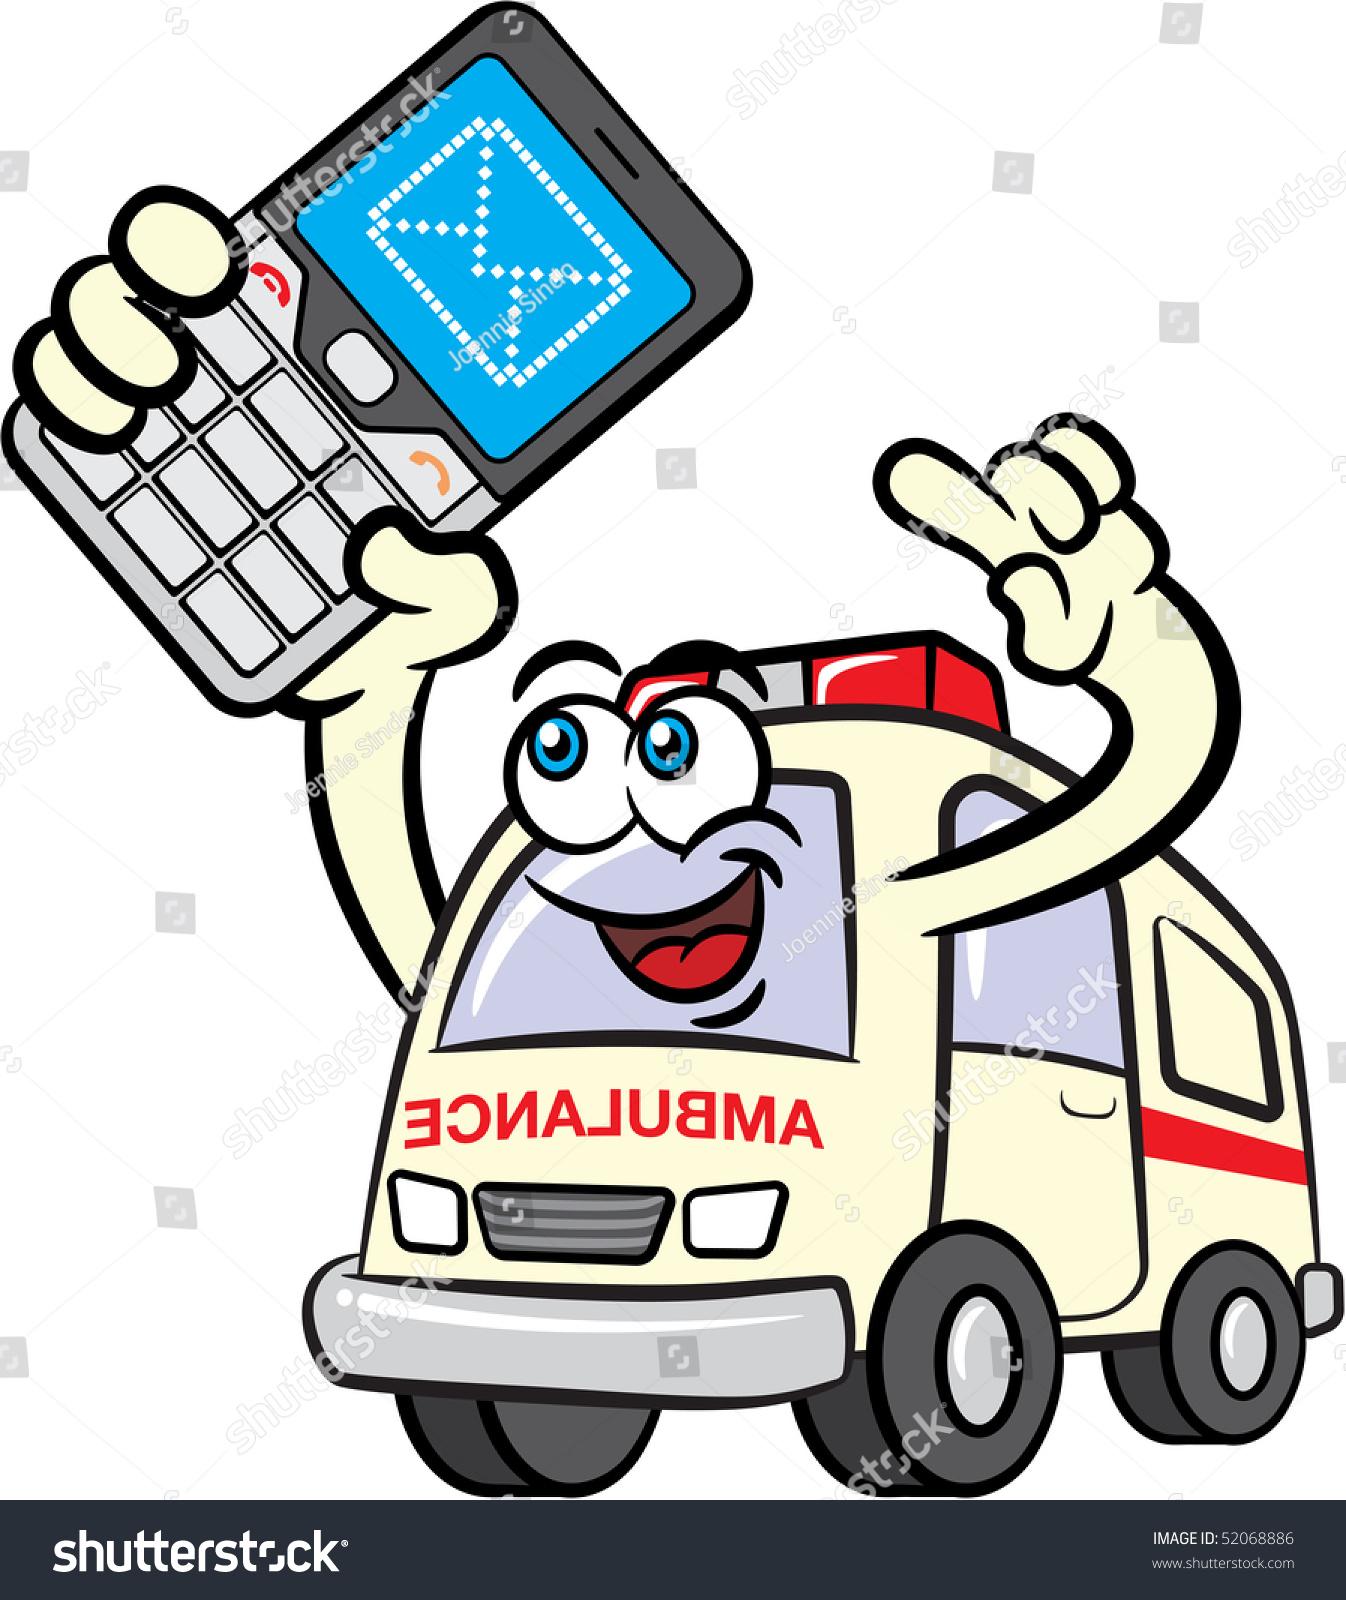 插图的救护车卡通吉祥物字符用手机发送短信-插图/图图片